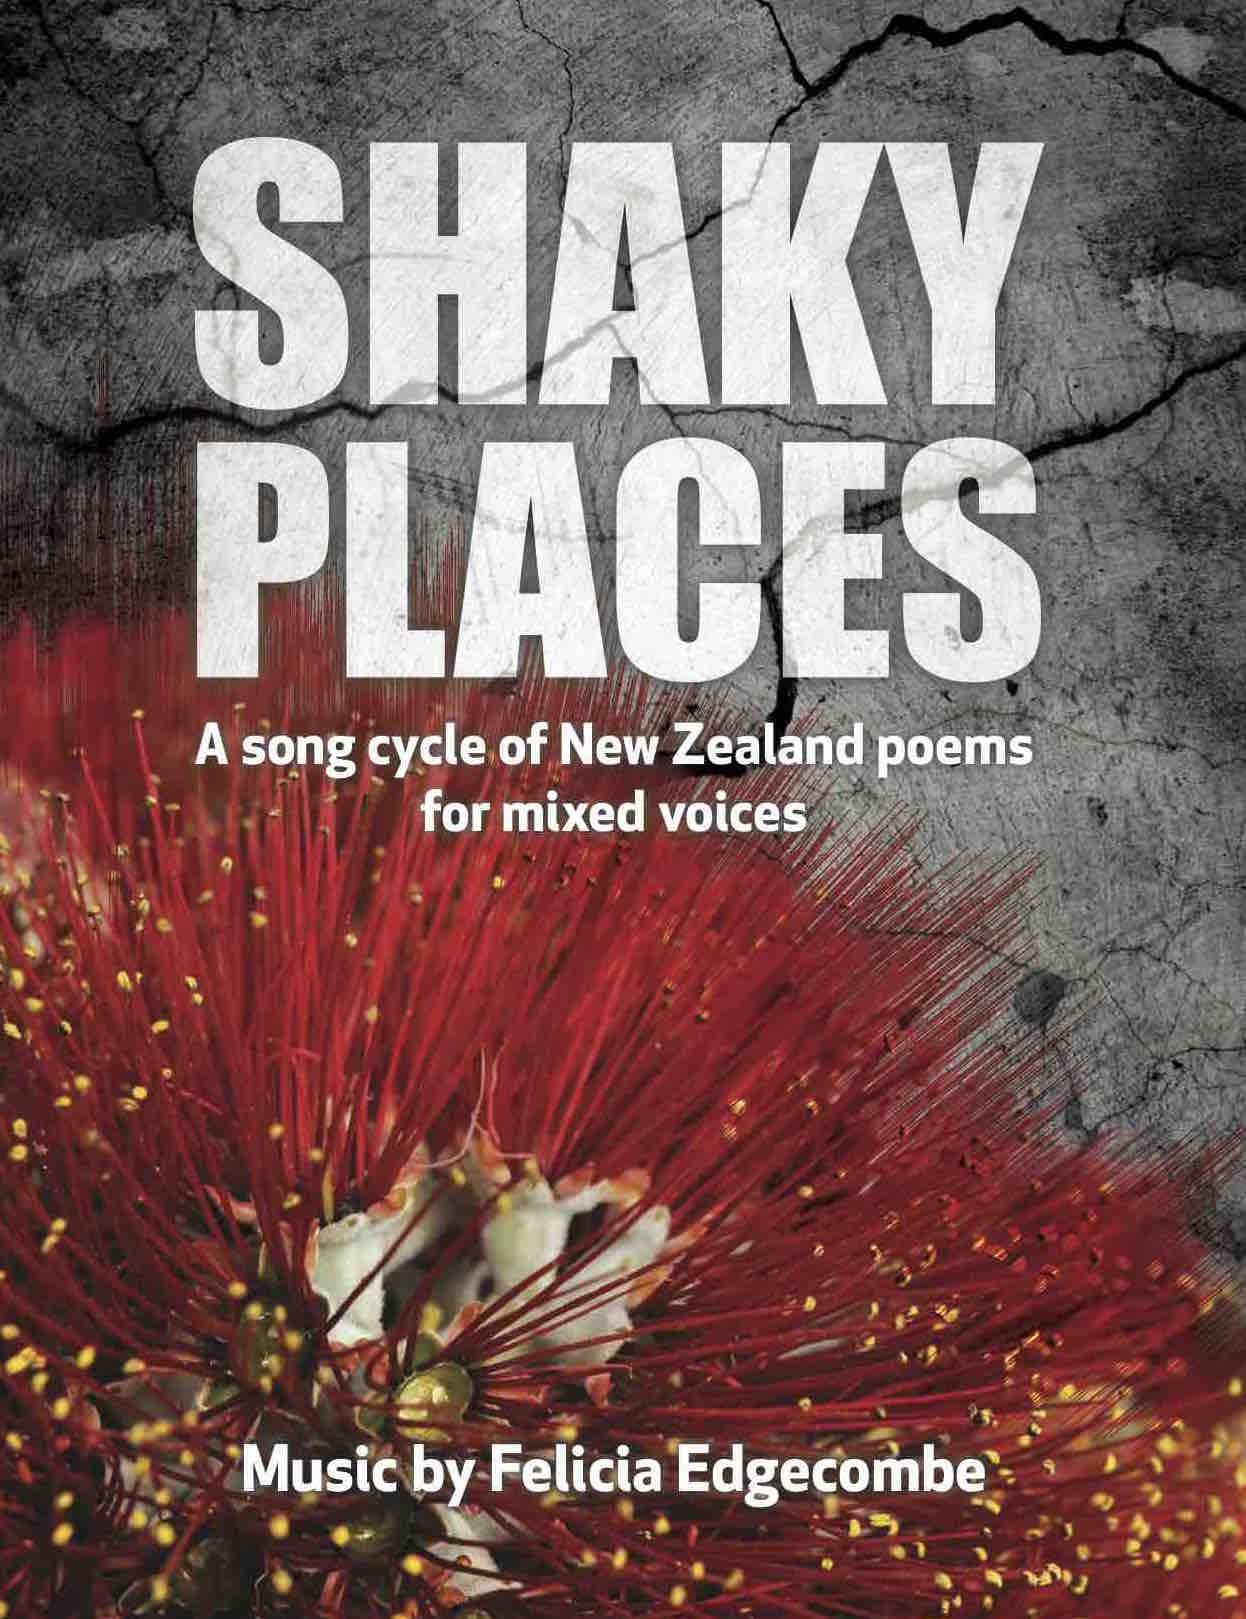 Felicia Edgecombe: Shaky Places - hardcopy SCORE